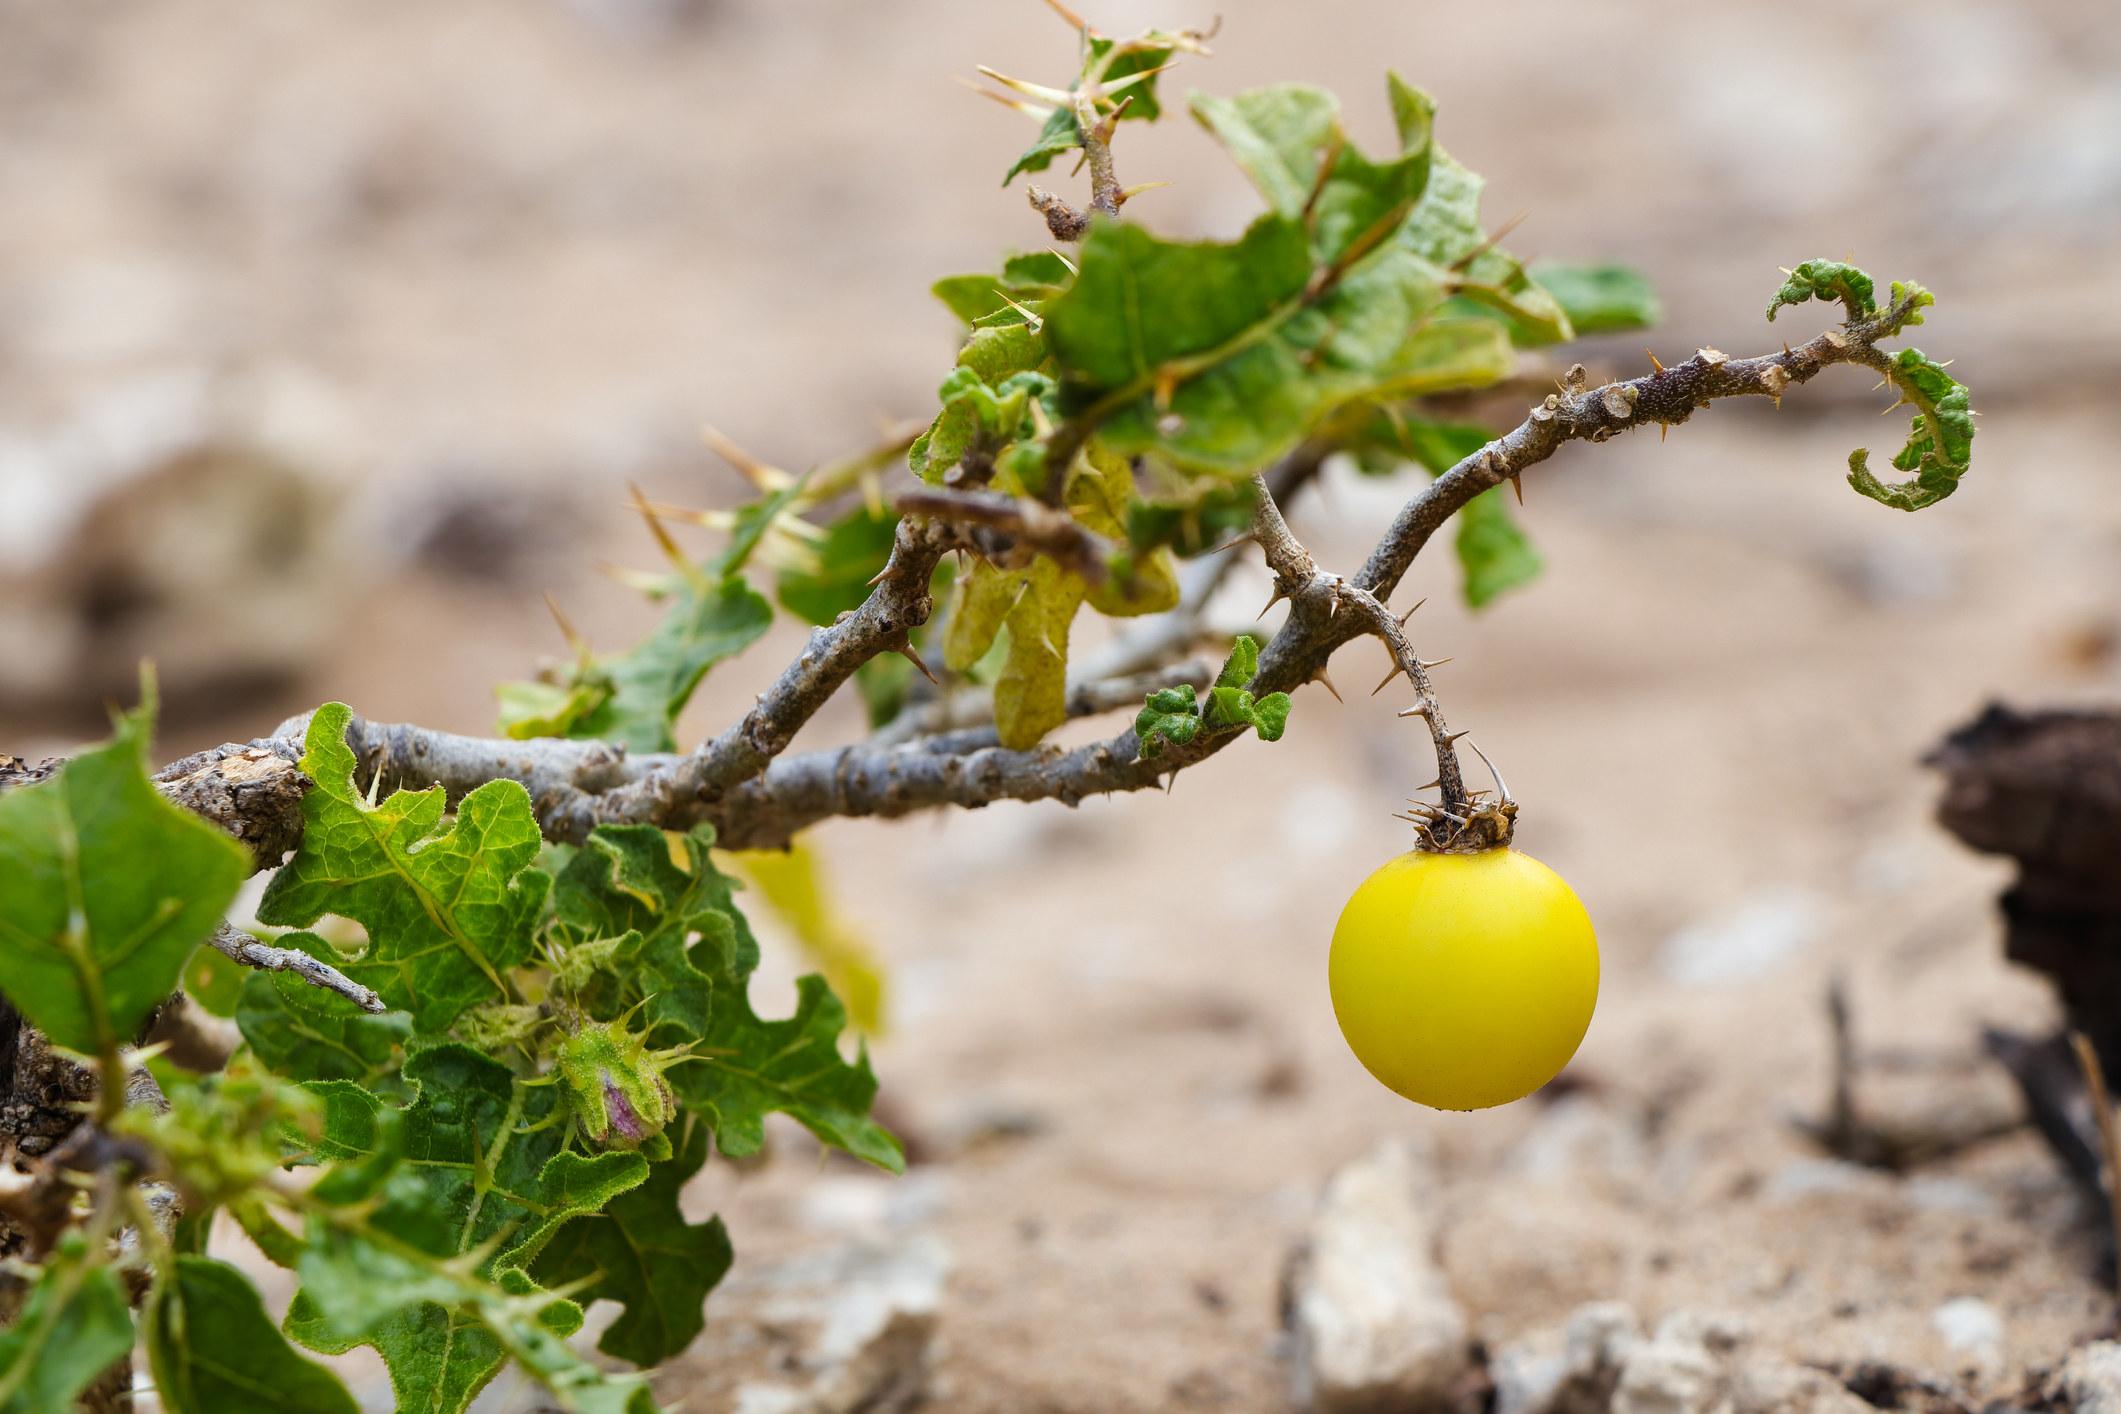 Solanum incanum, A.K.A a wild eggplant!